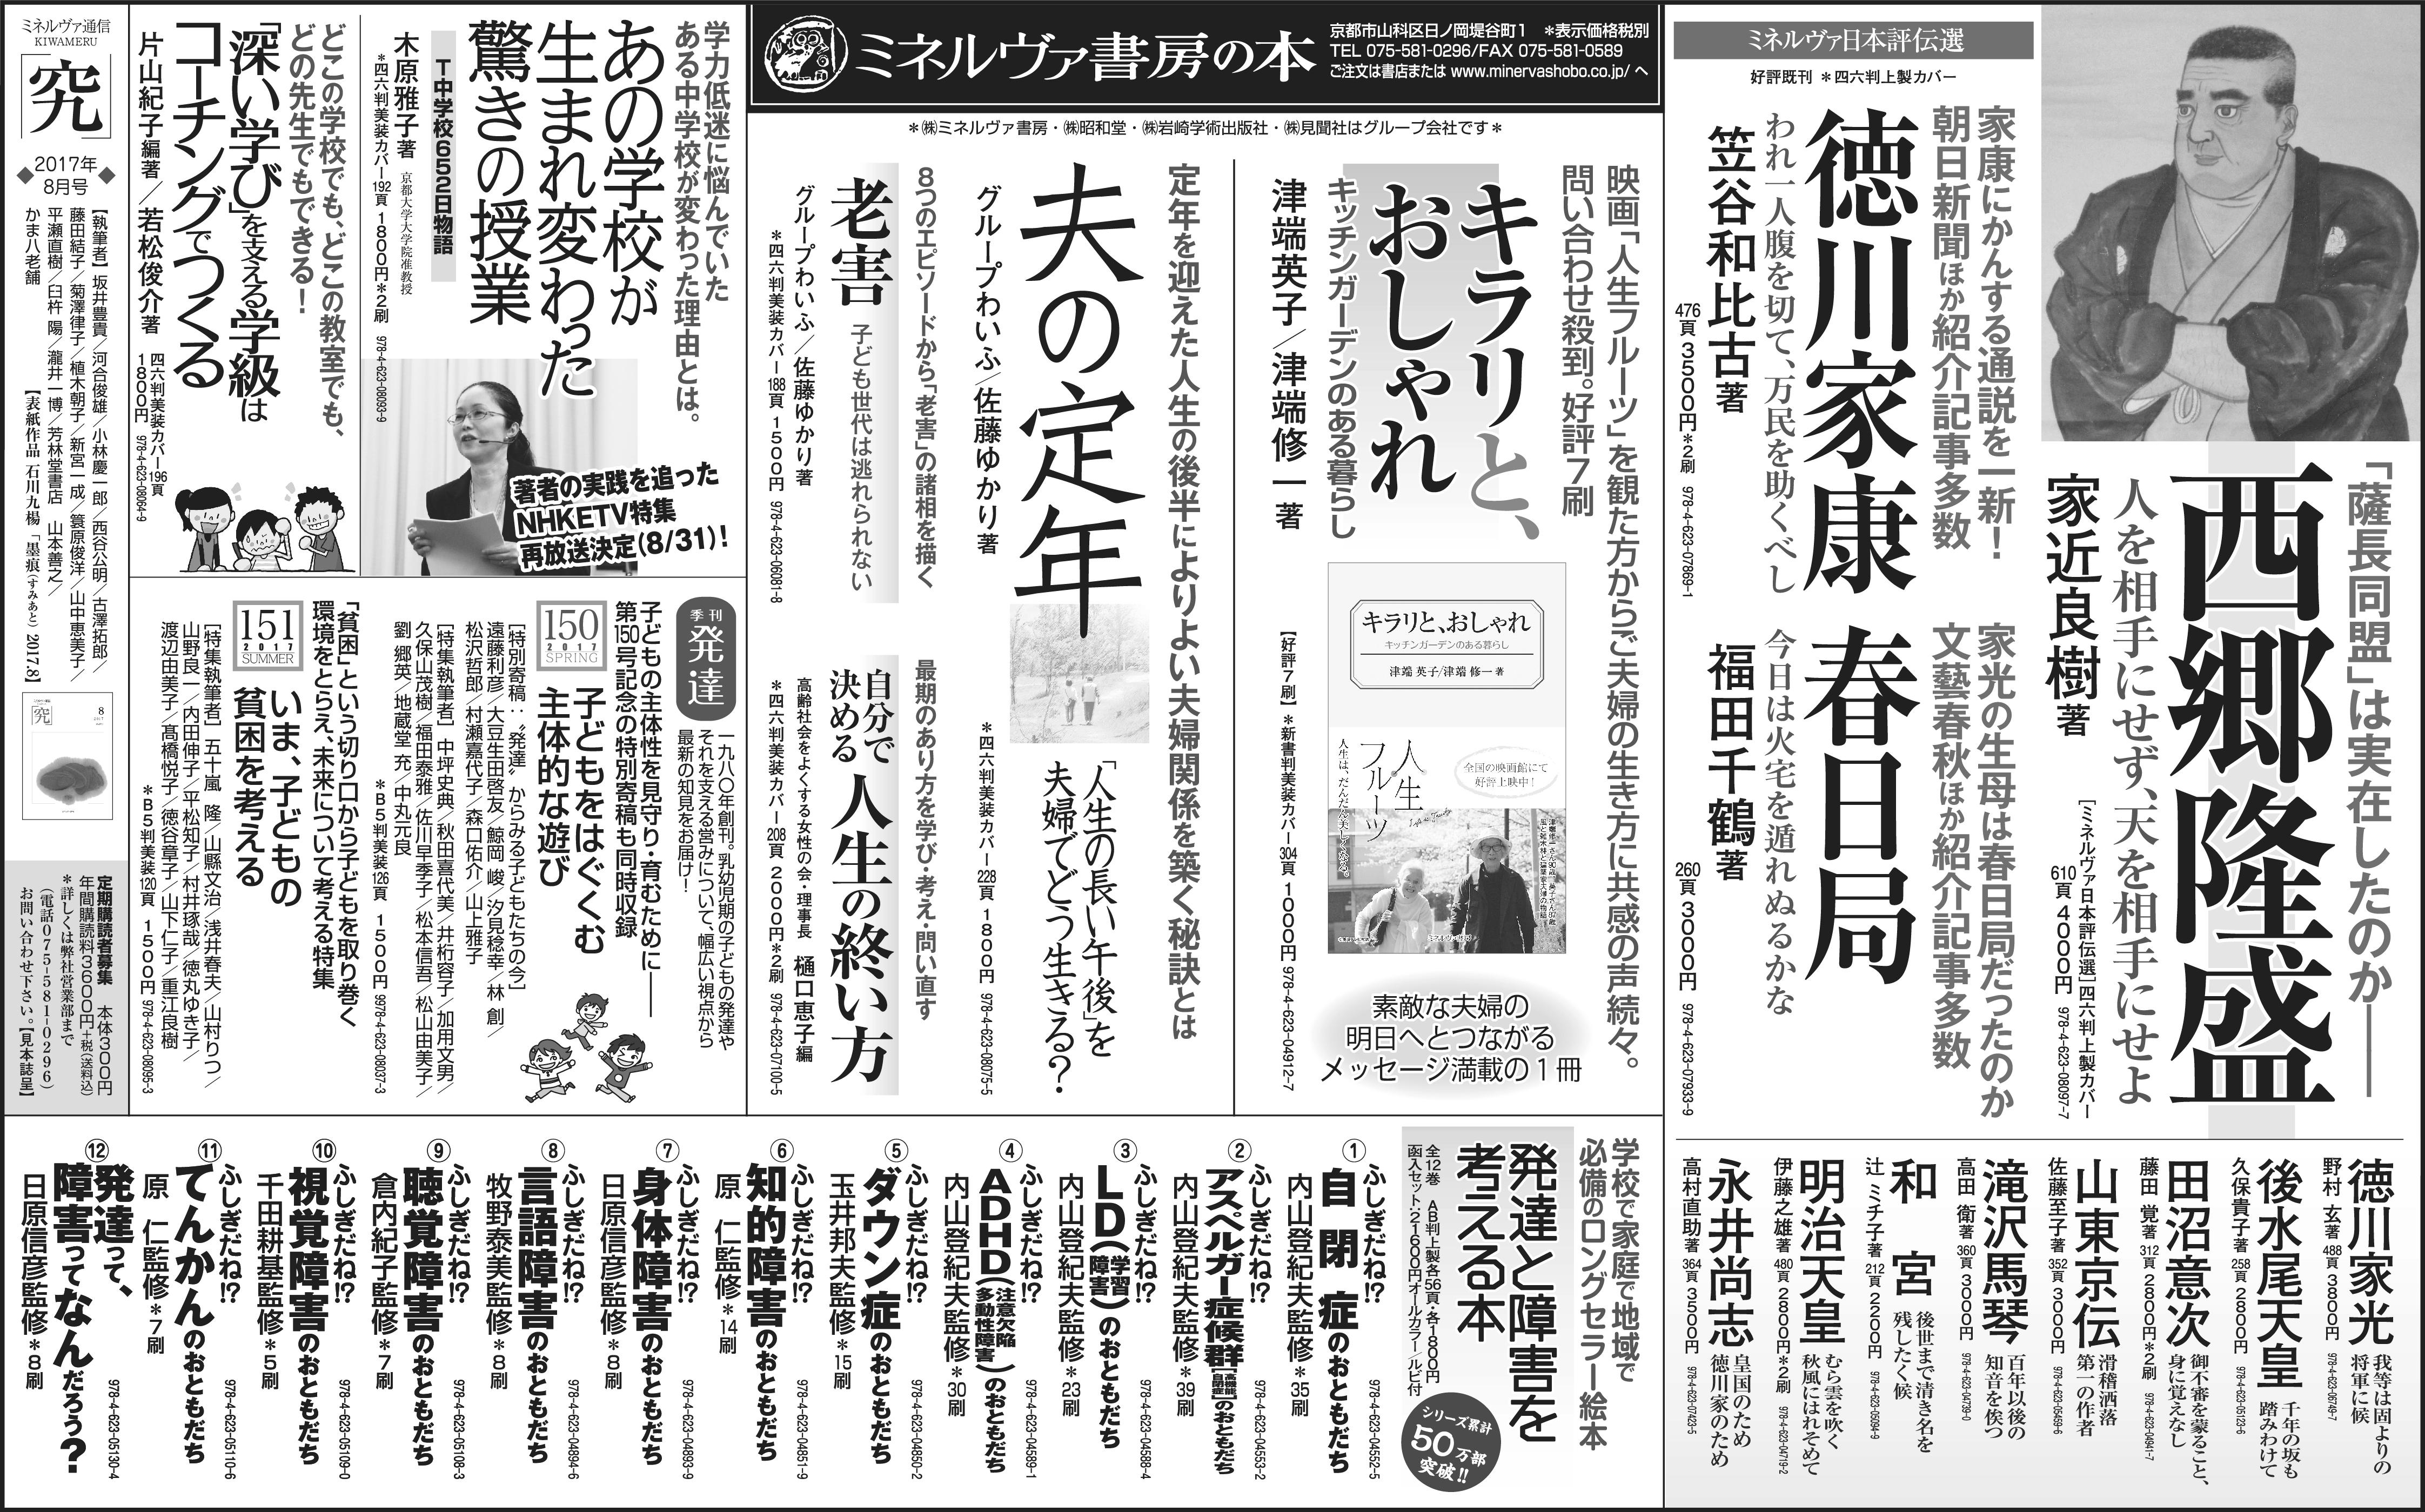 毎日新聞2017年8月27日読書面全7段広告